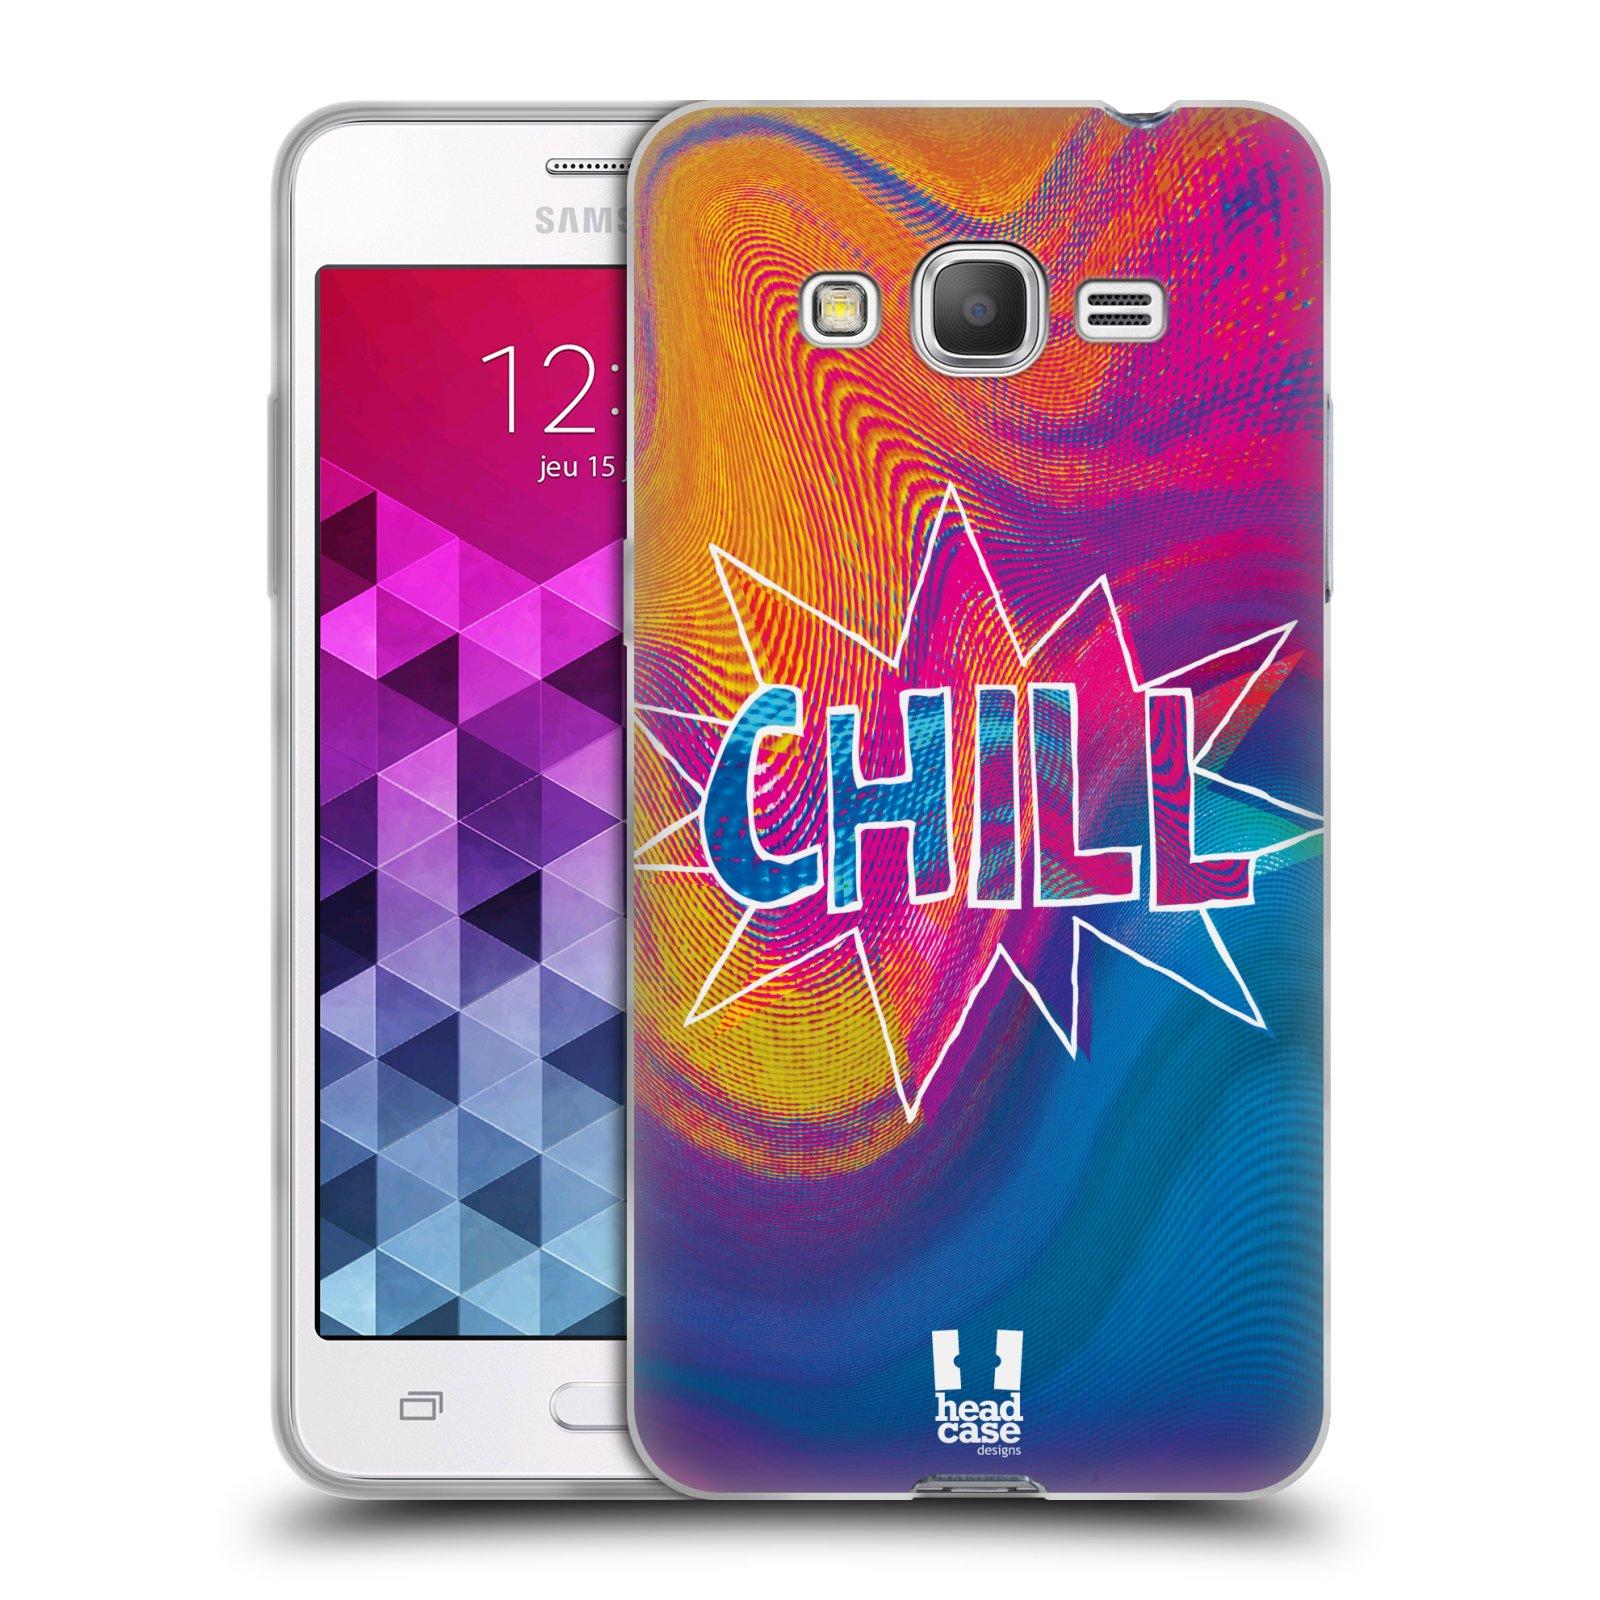 Silikonové pouzdro na mobil Samsung Galaxy Grand Prime HEAD CASE HOLOGRAF CHILL